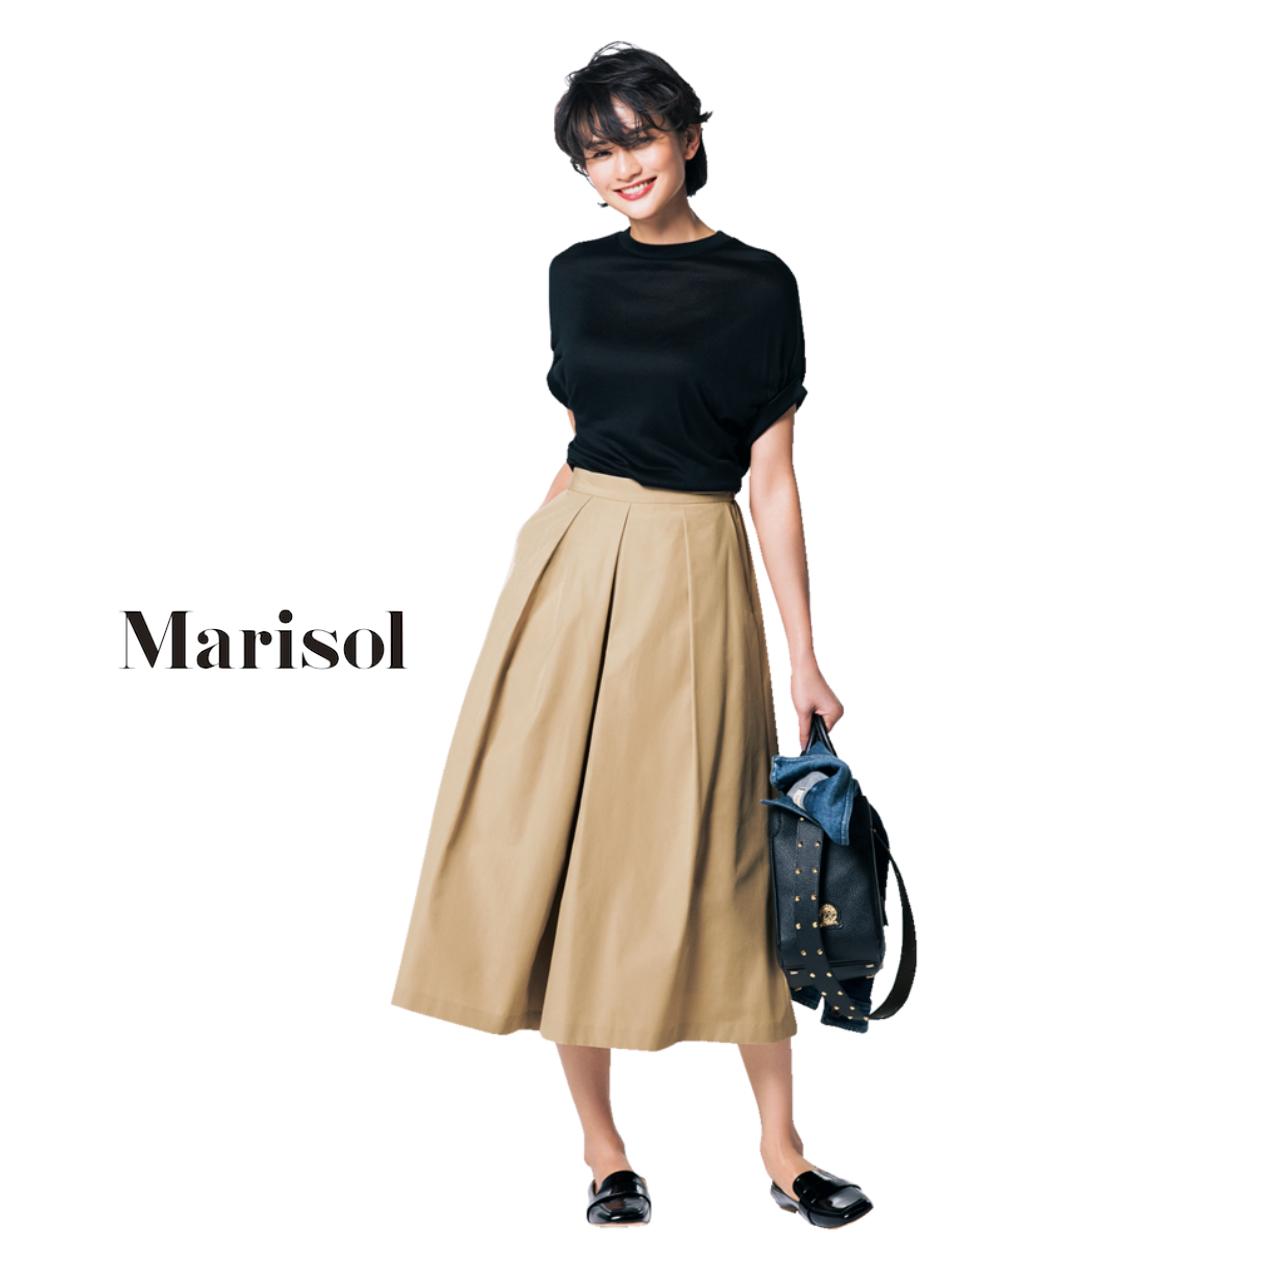 黒Tシャツ×スカート見えベージュパンツコーデ